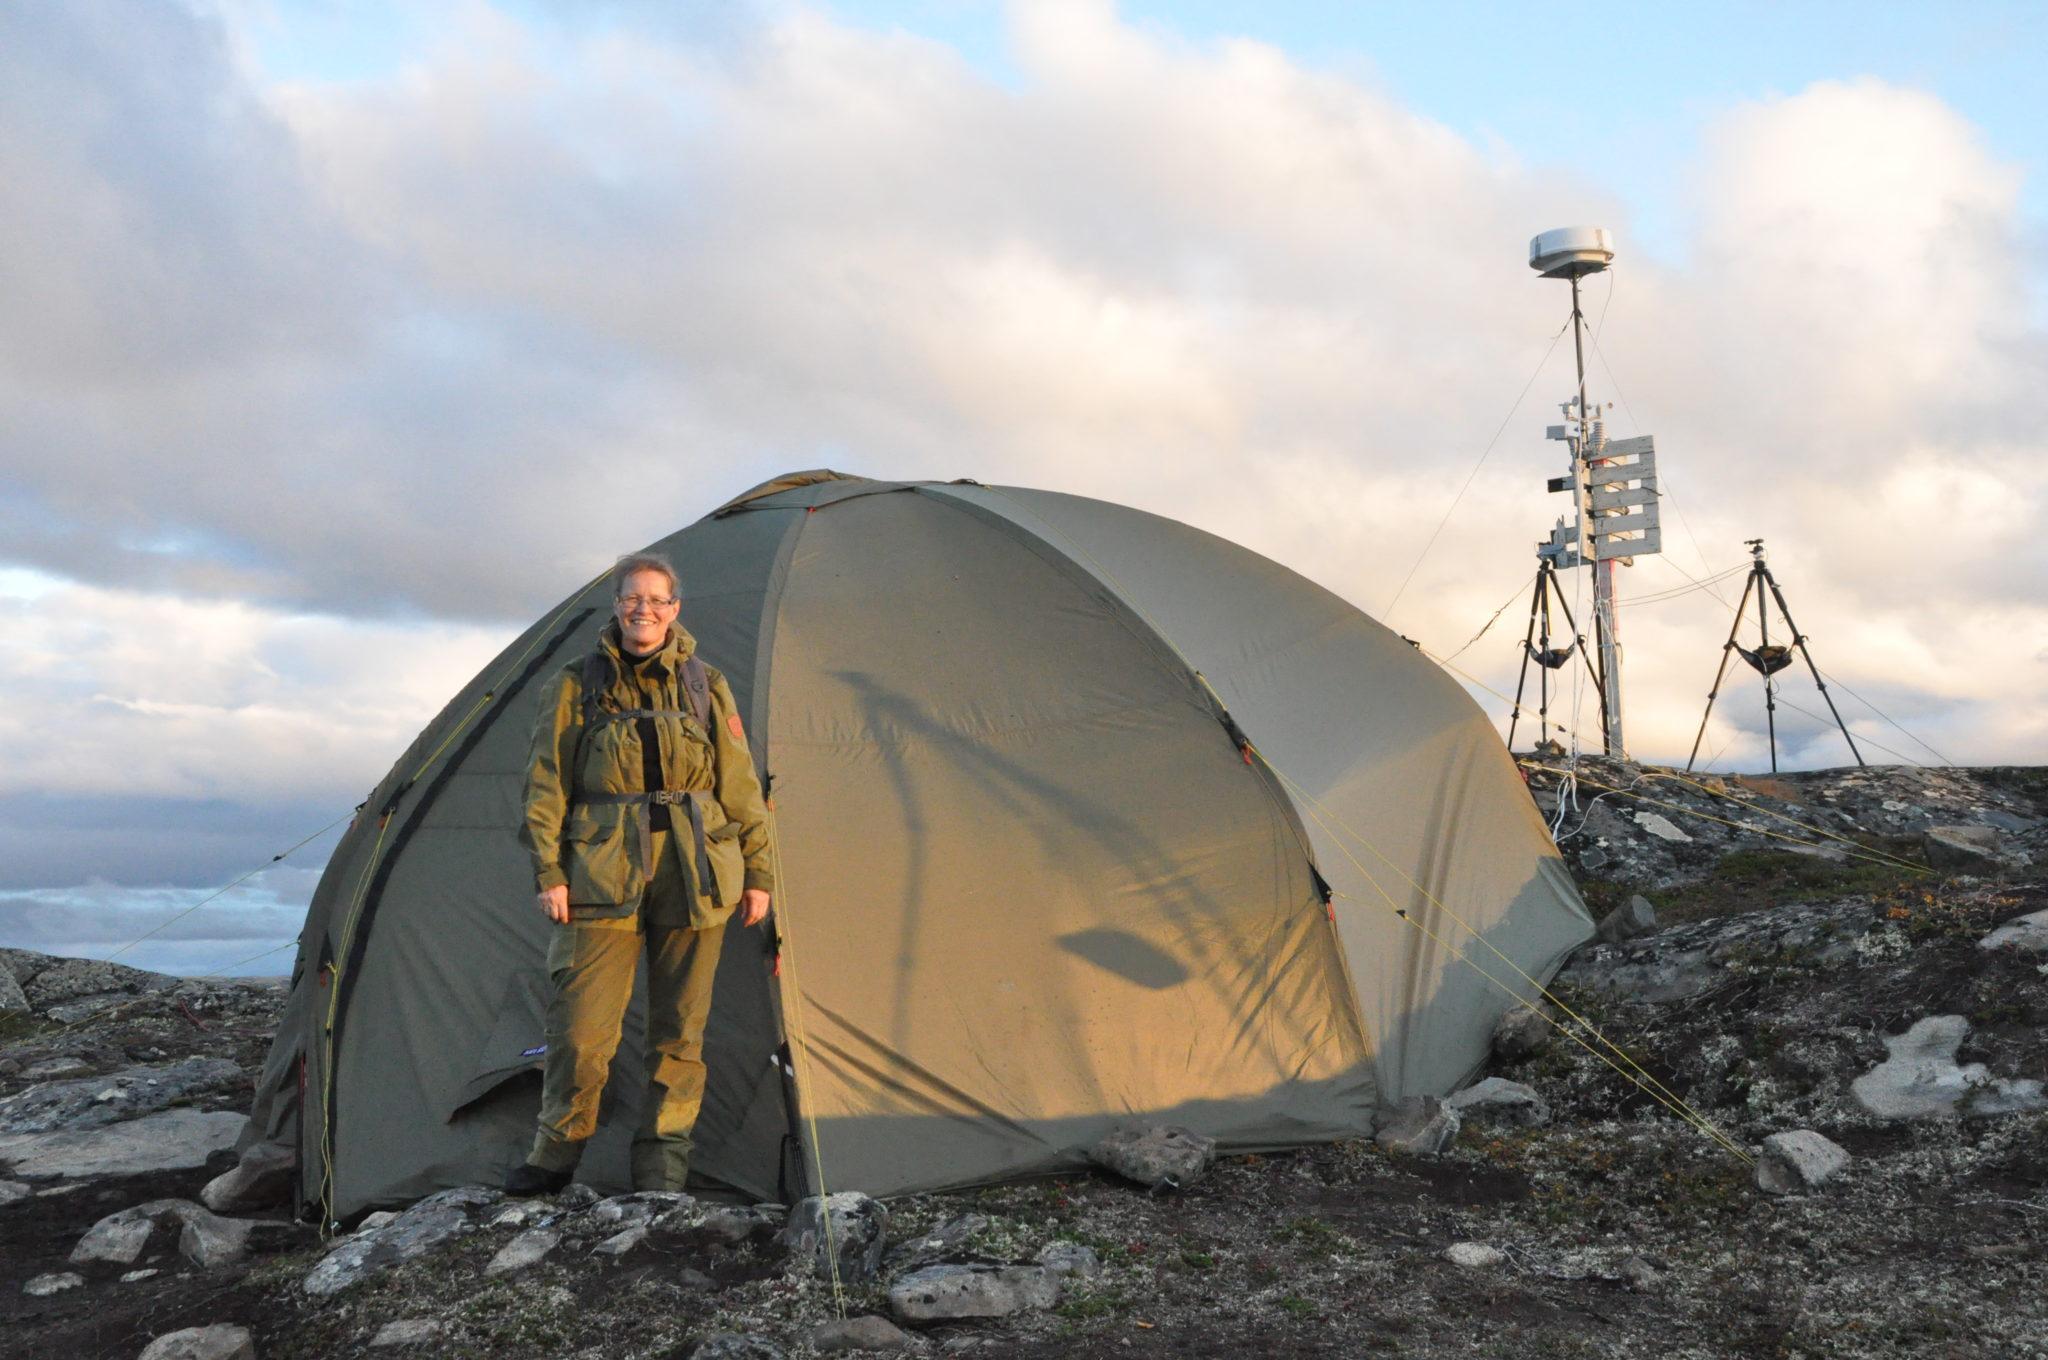 Hauges Kollegin, die Ingenieurin Anna-Lena Kjøniksen, im Base Camp der Forschungsexpedition. Im Hintergrund rechts sieht man die Messgeräte, Kamera und Radar.